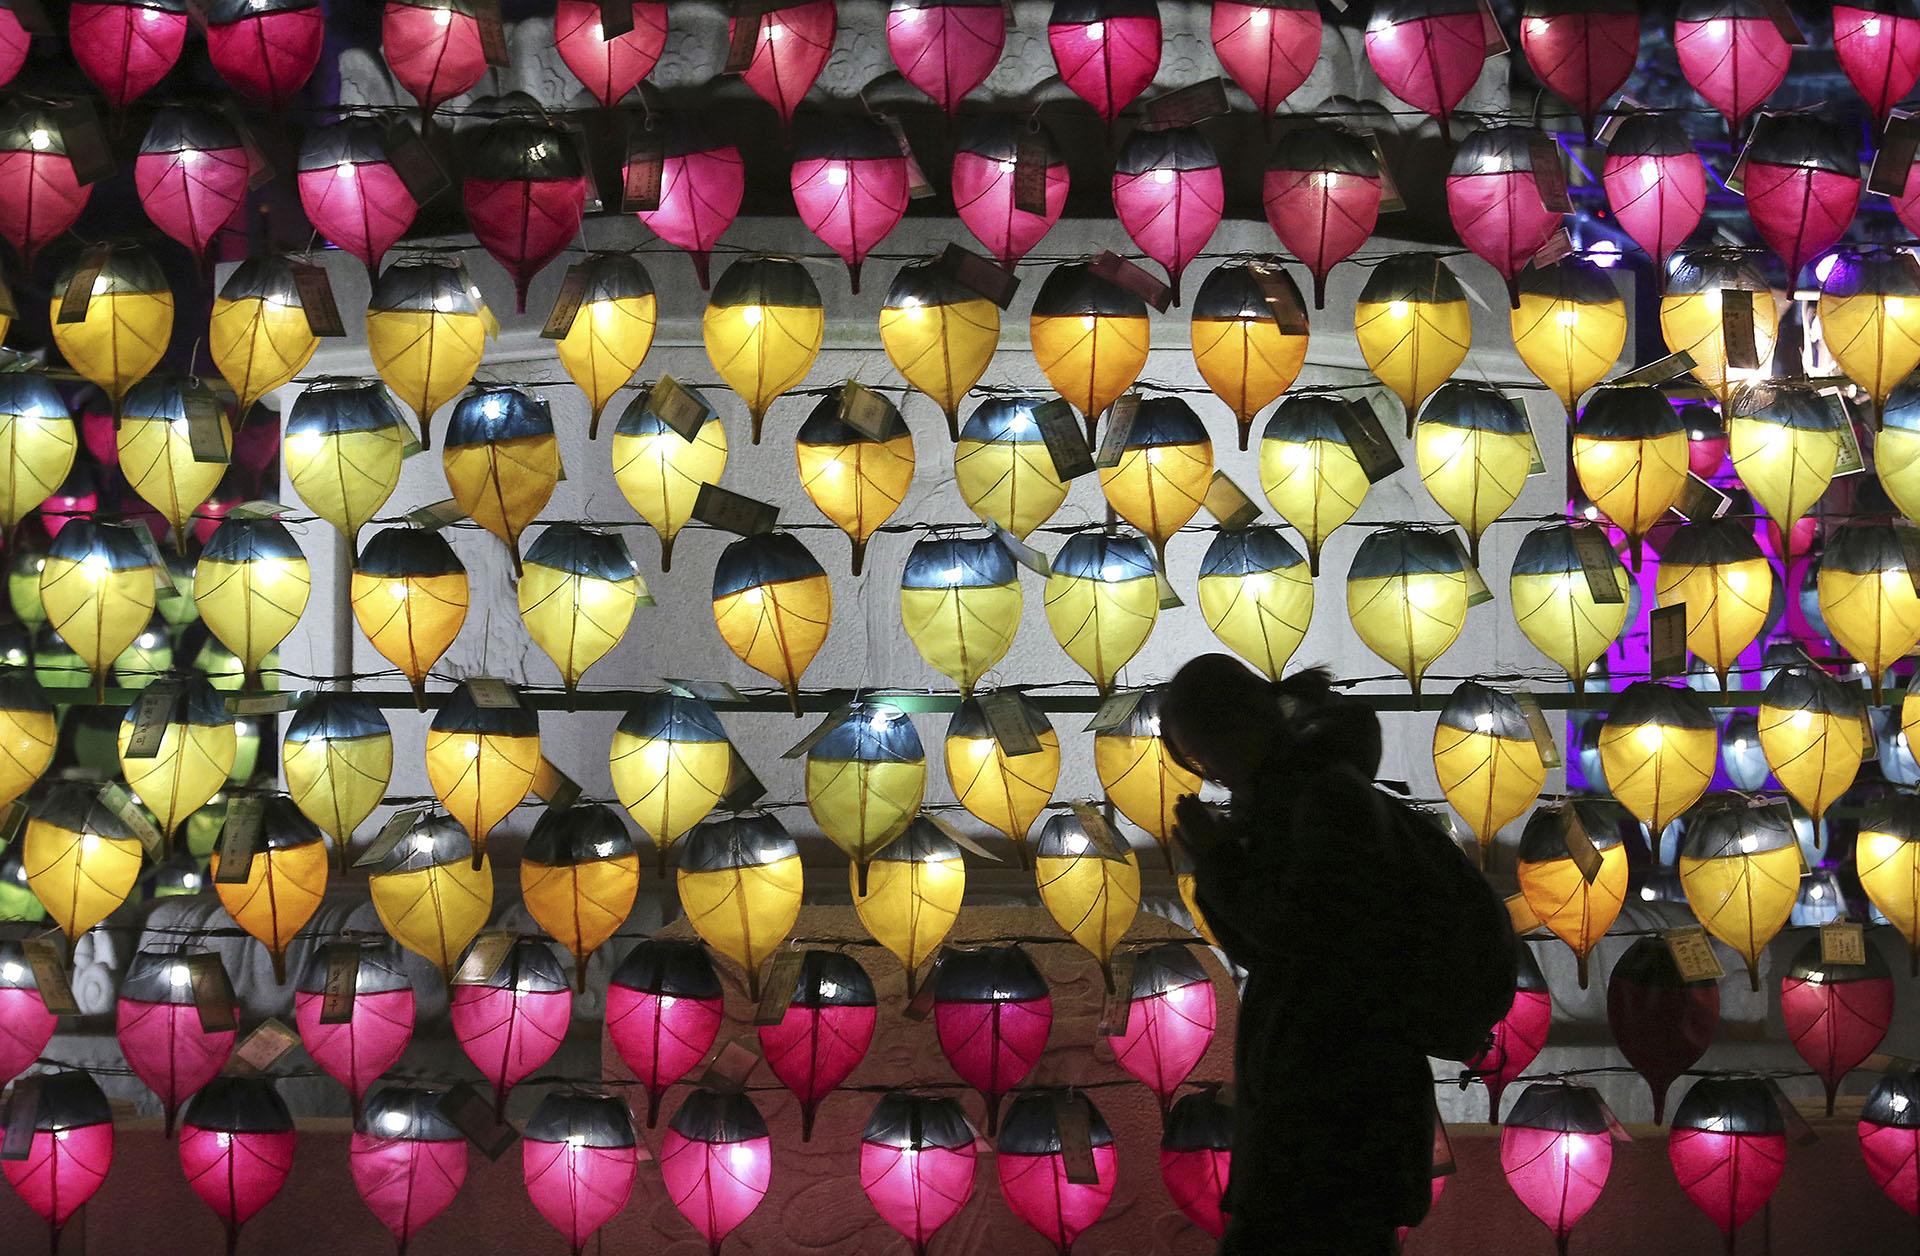 Una mujer reza frente a las lámparas iluminadas con velas en un templo budista de Seúl